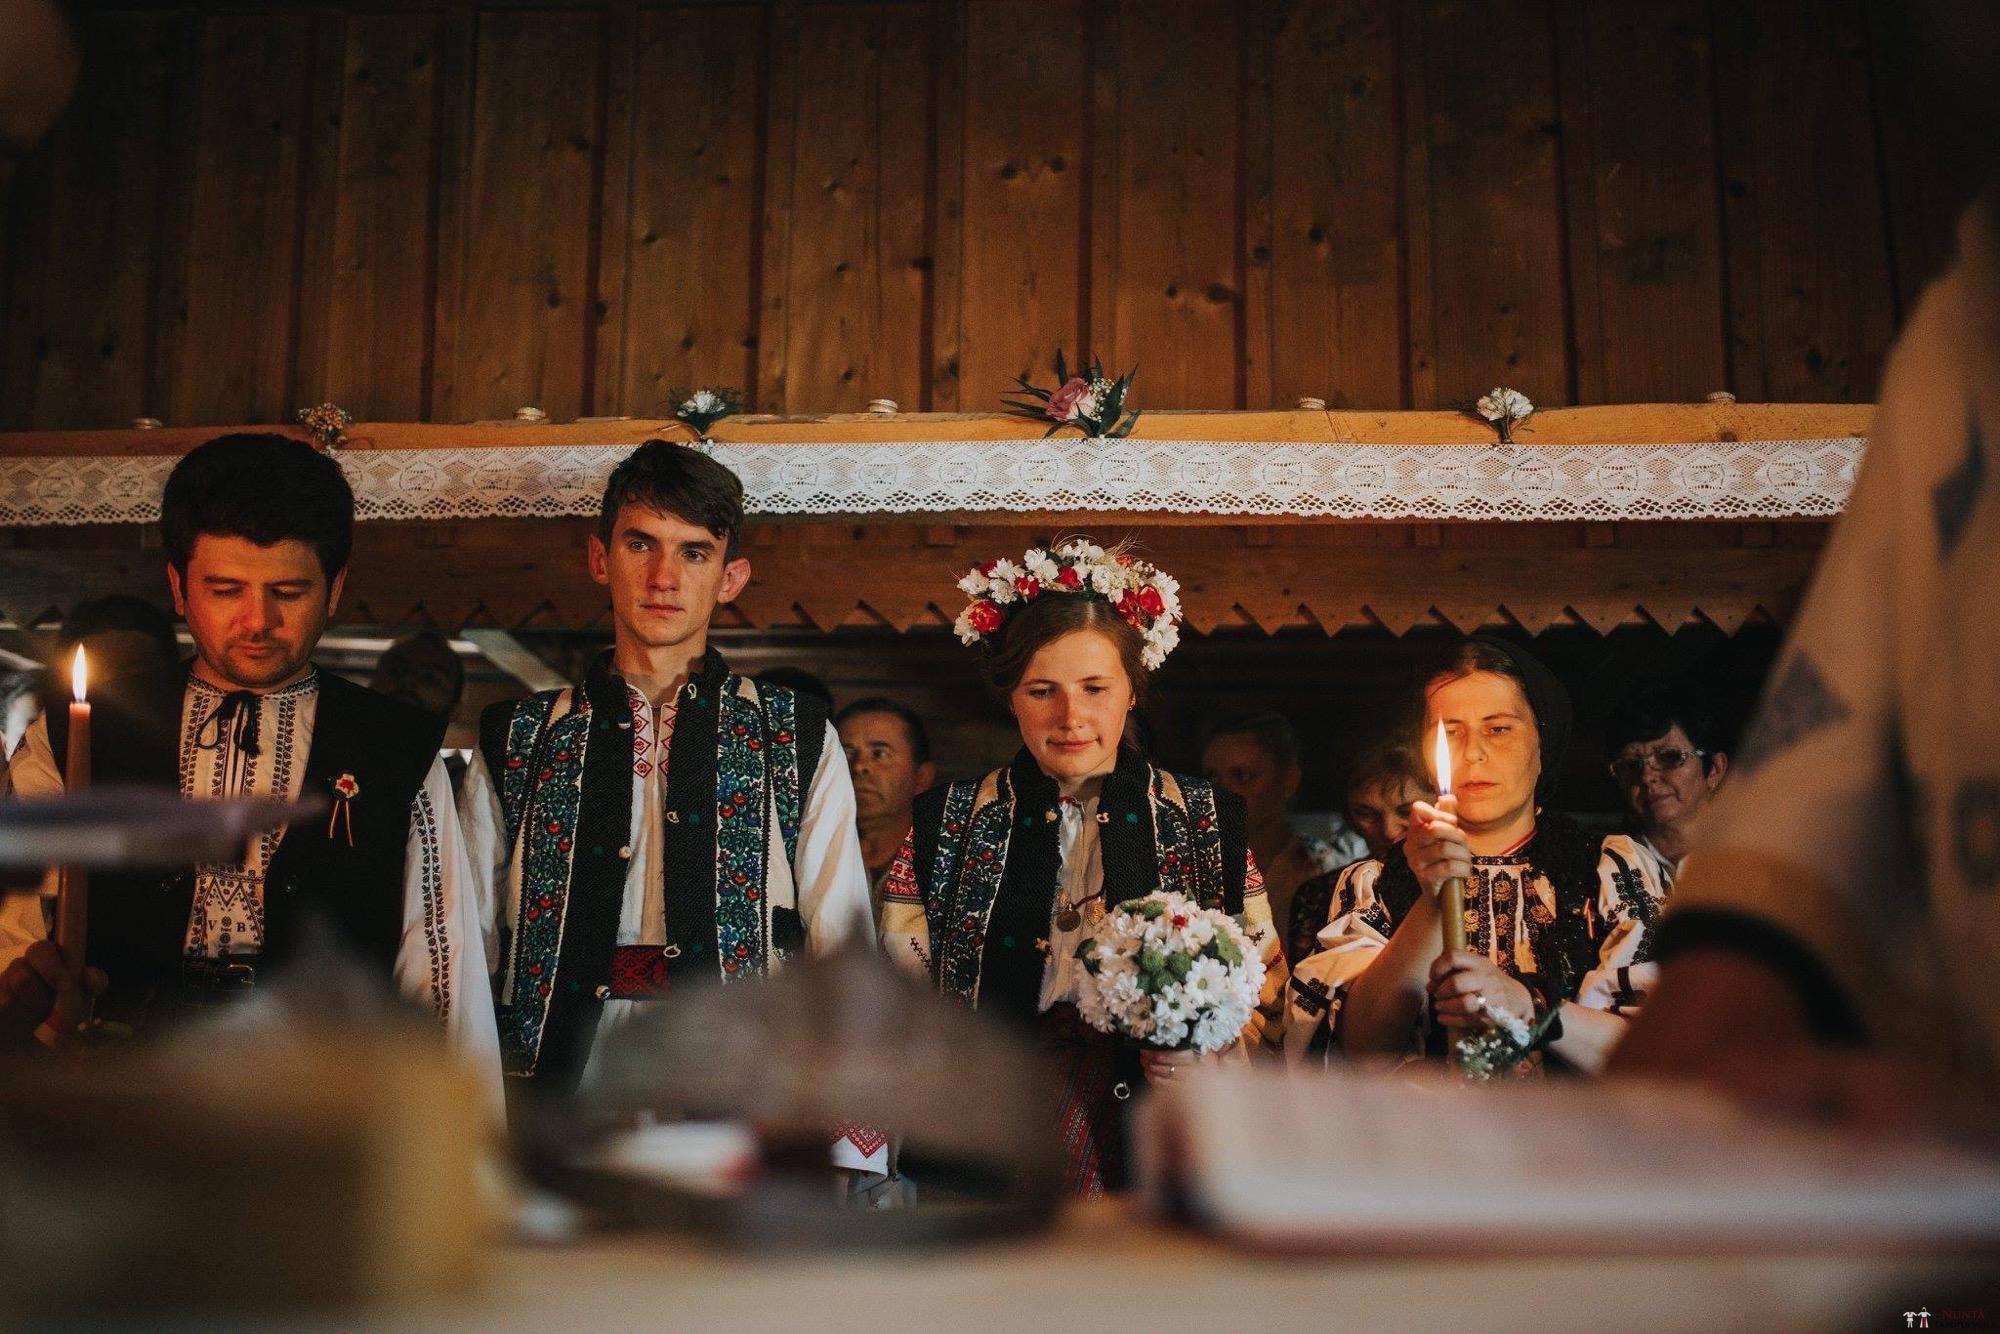 Povești Nunți Tradiționale - Andreea și Sergiu. Nuntă tradițională în Alba-Iulia 39